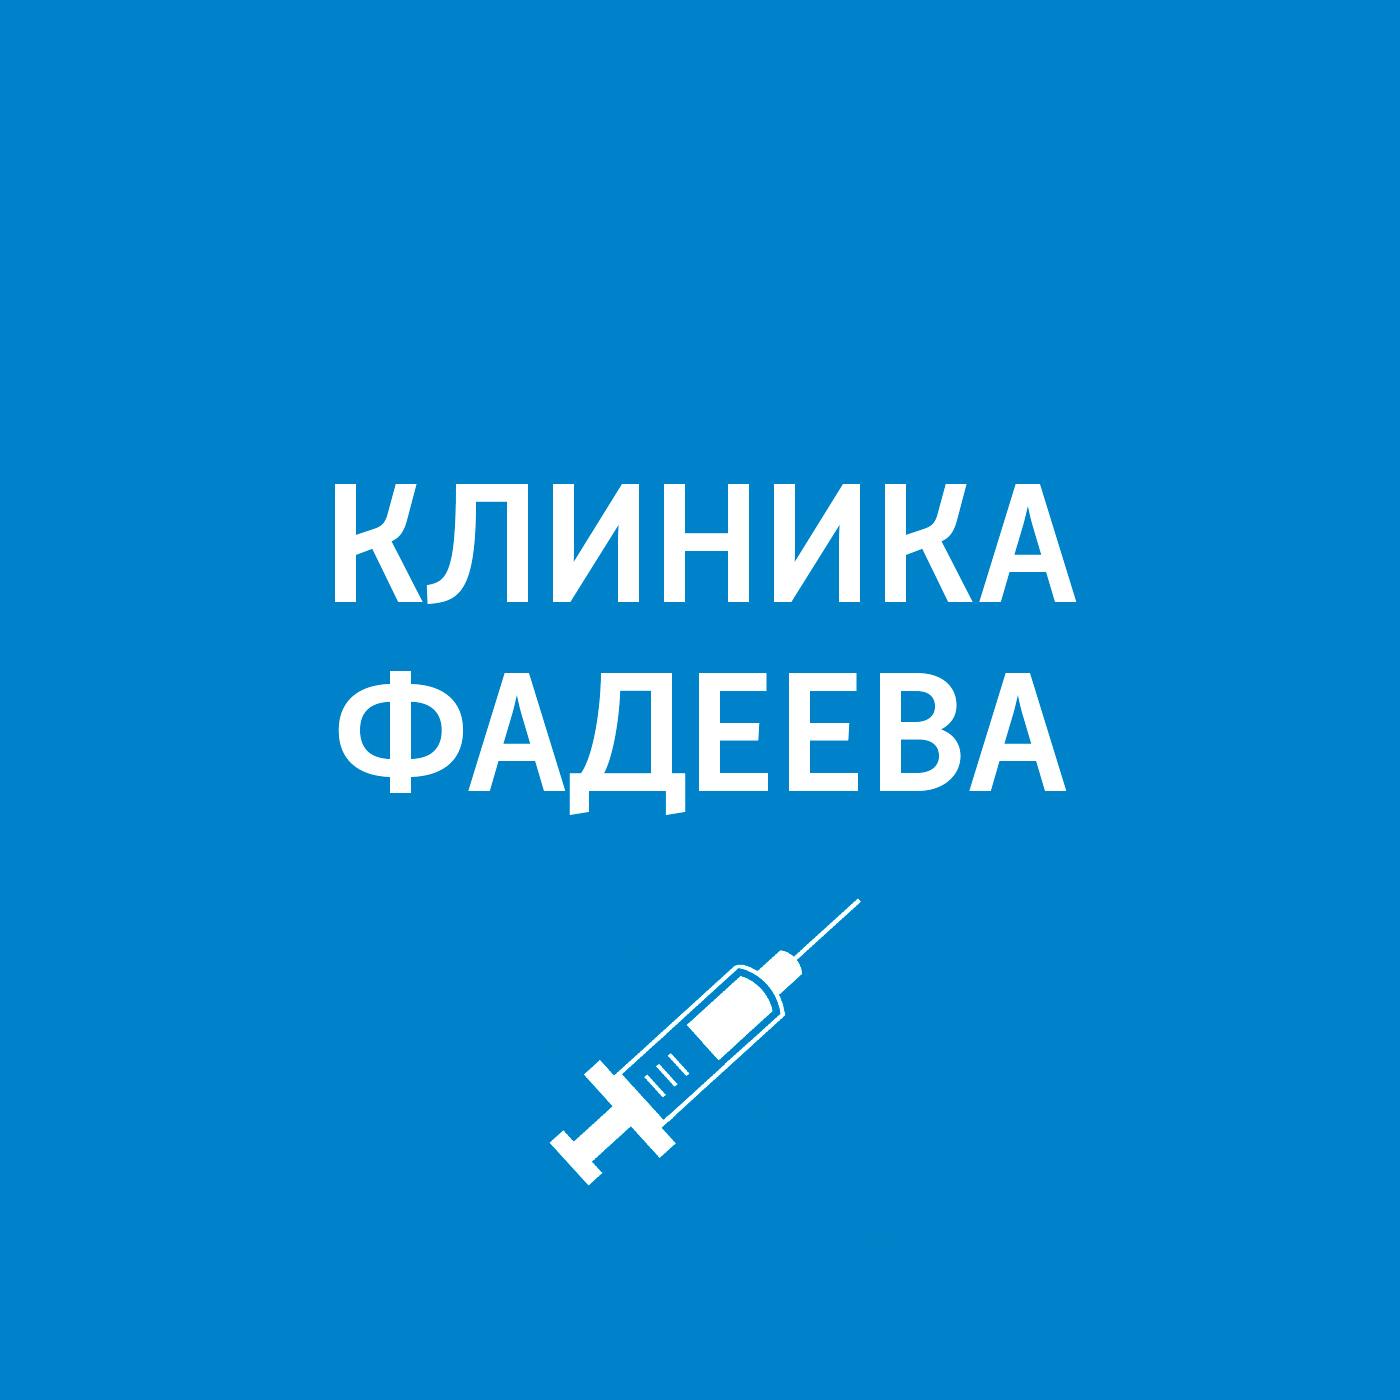 Пётр Фадеев Врач-дерматолог пётр фадеев врач логопед